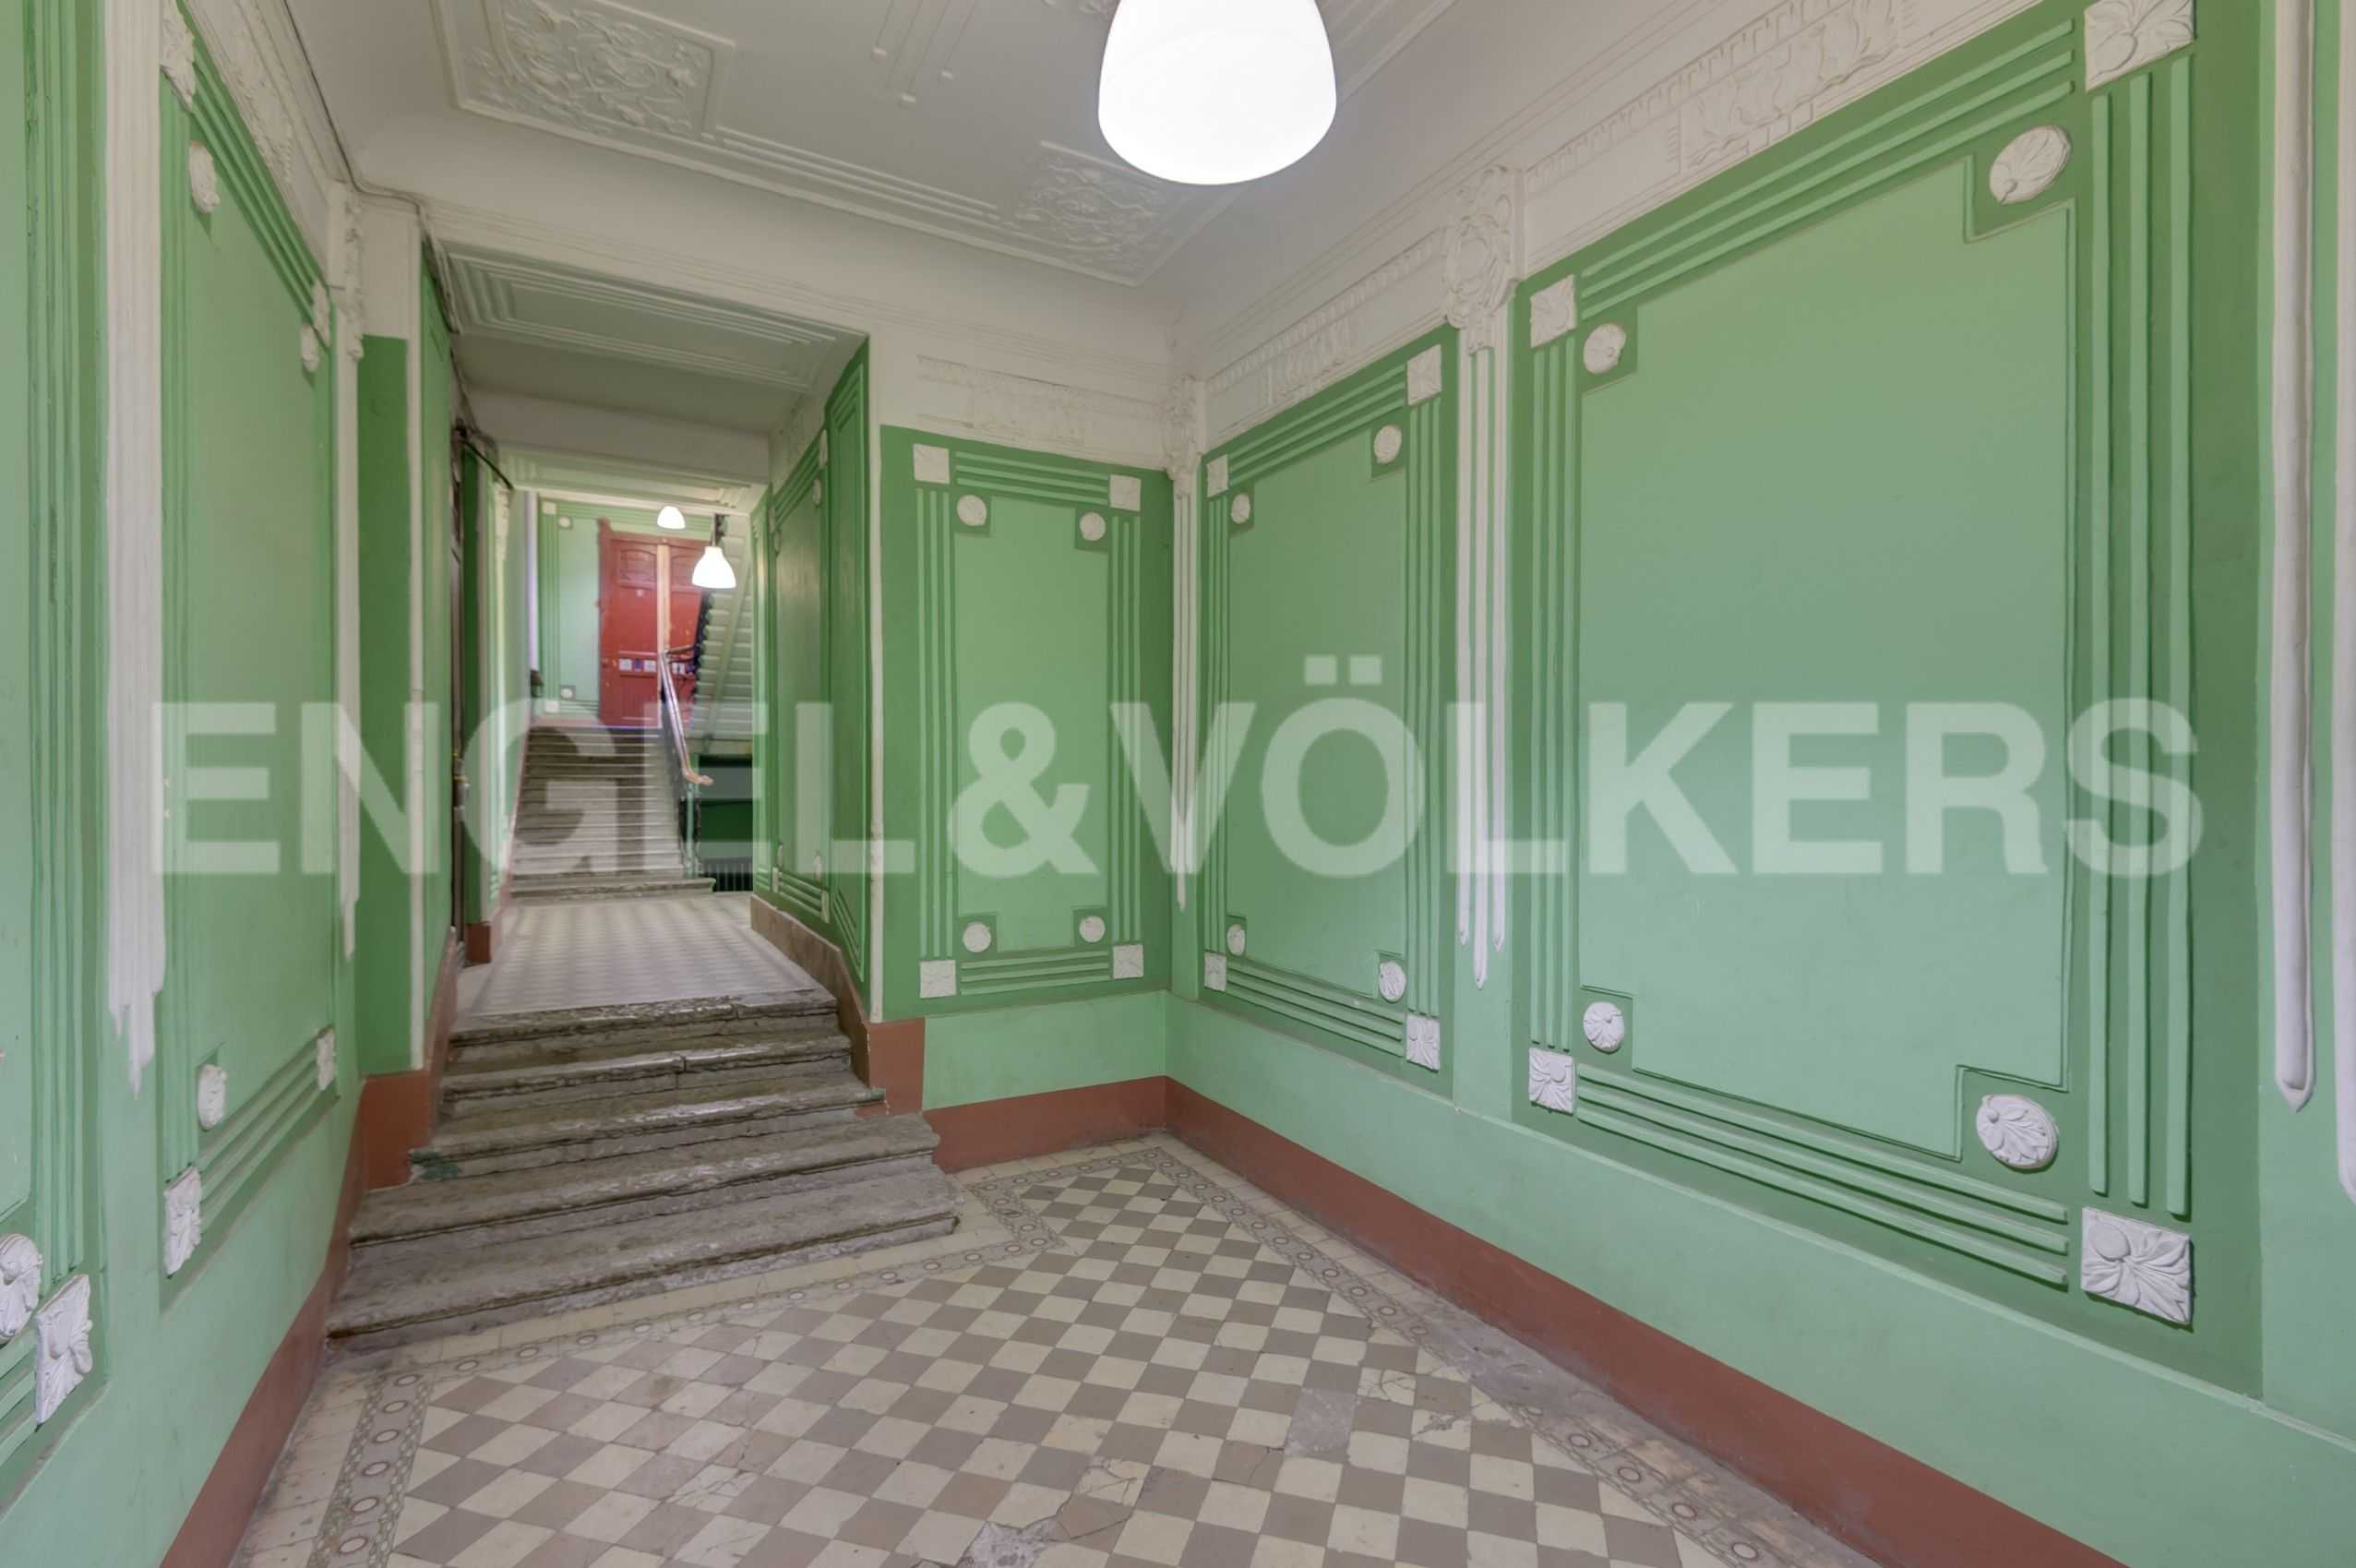 Элитные квартиры в Центральный р-н. Санкт-Петербург, Захарьевская, 16. Отреставрированная парадная